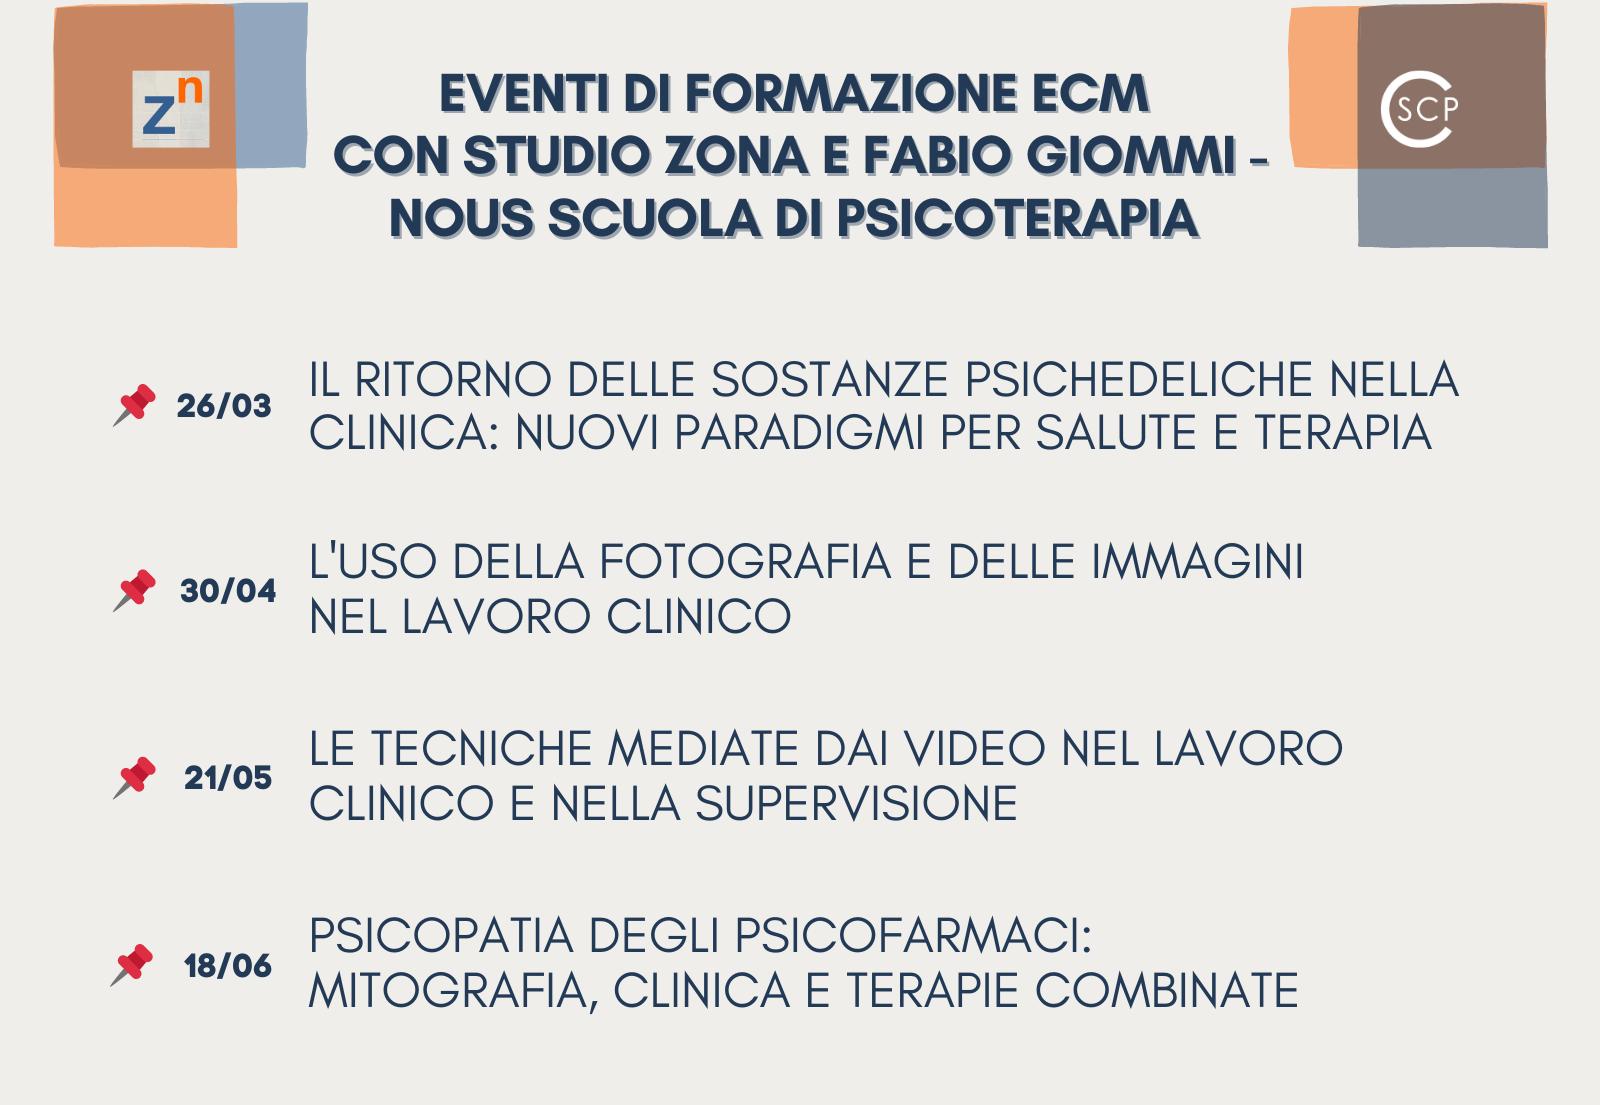 eventi di formazione ECM 2021 promossi da Studio Zona e Fabio Giommi